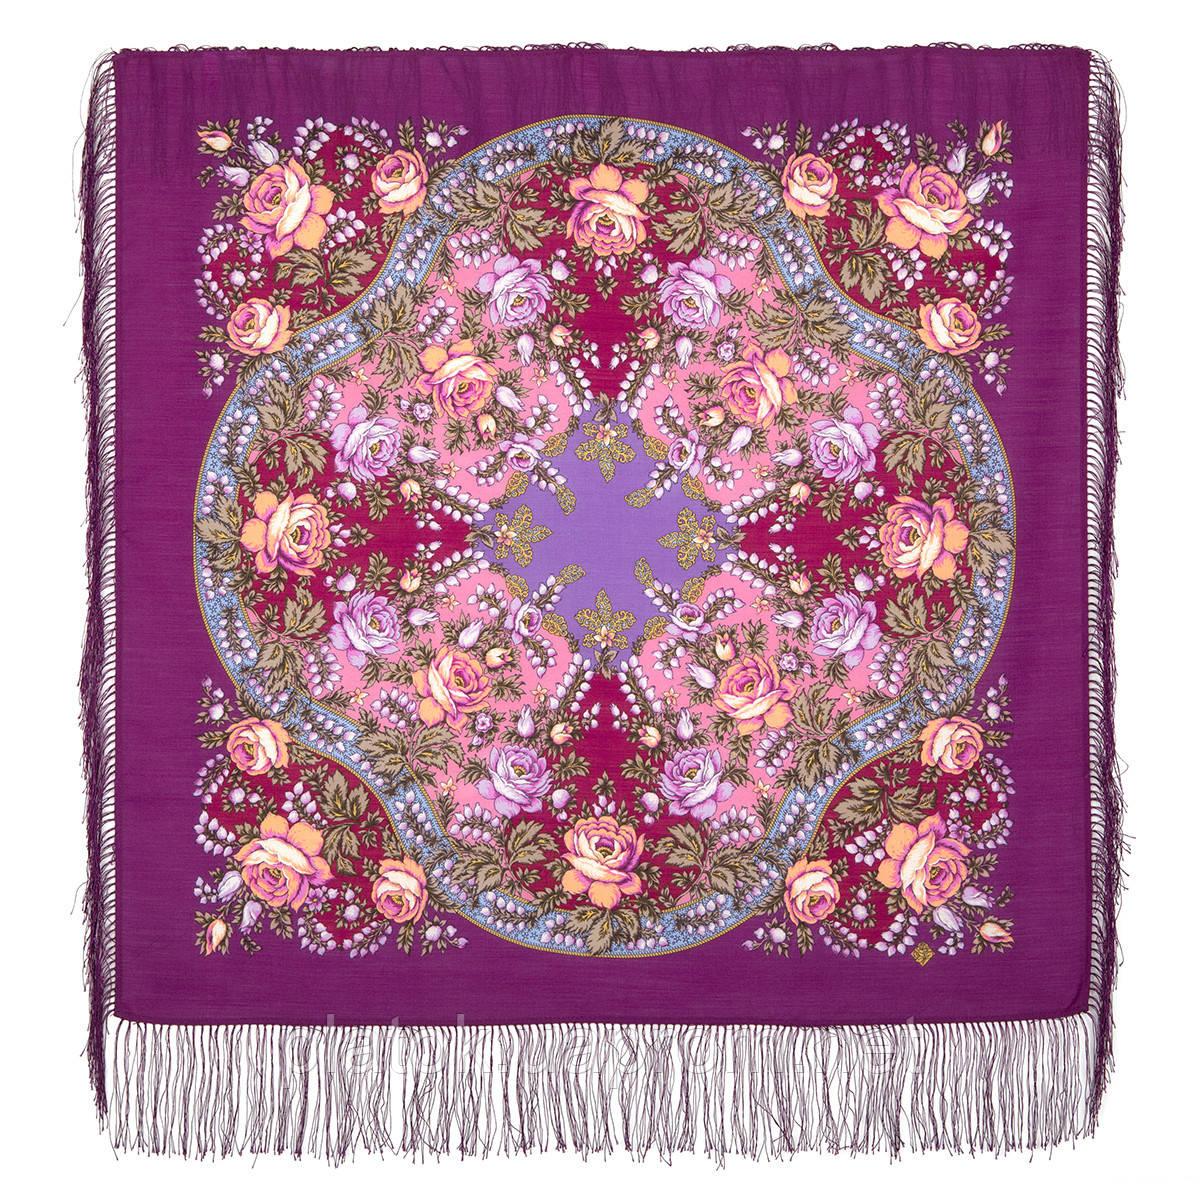 Звездочка моя 1808-15, павлопосадский платок шерстяной  с шелковой бахромой